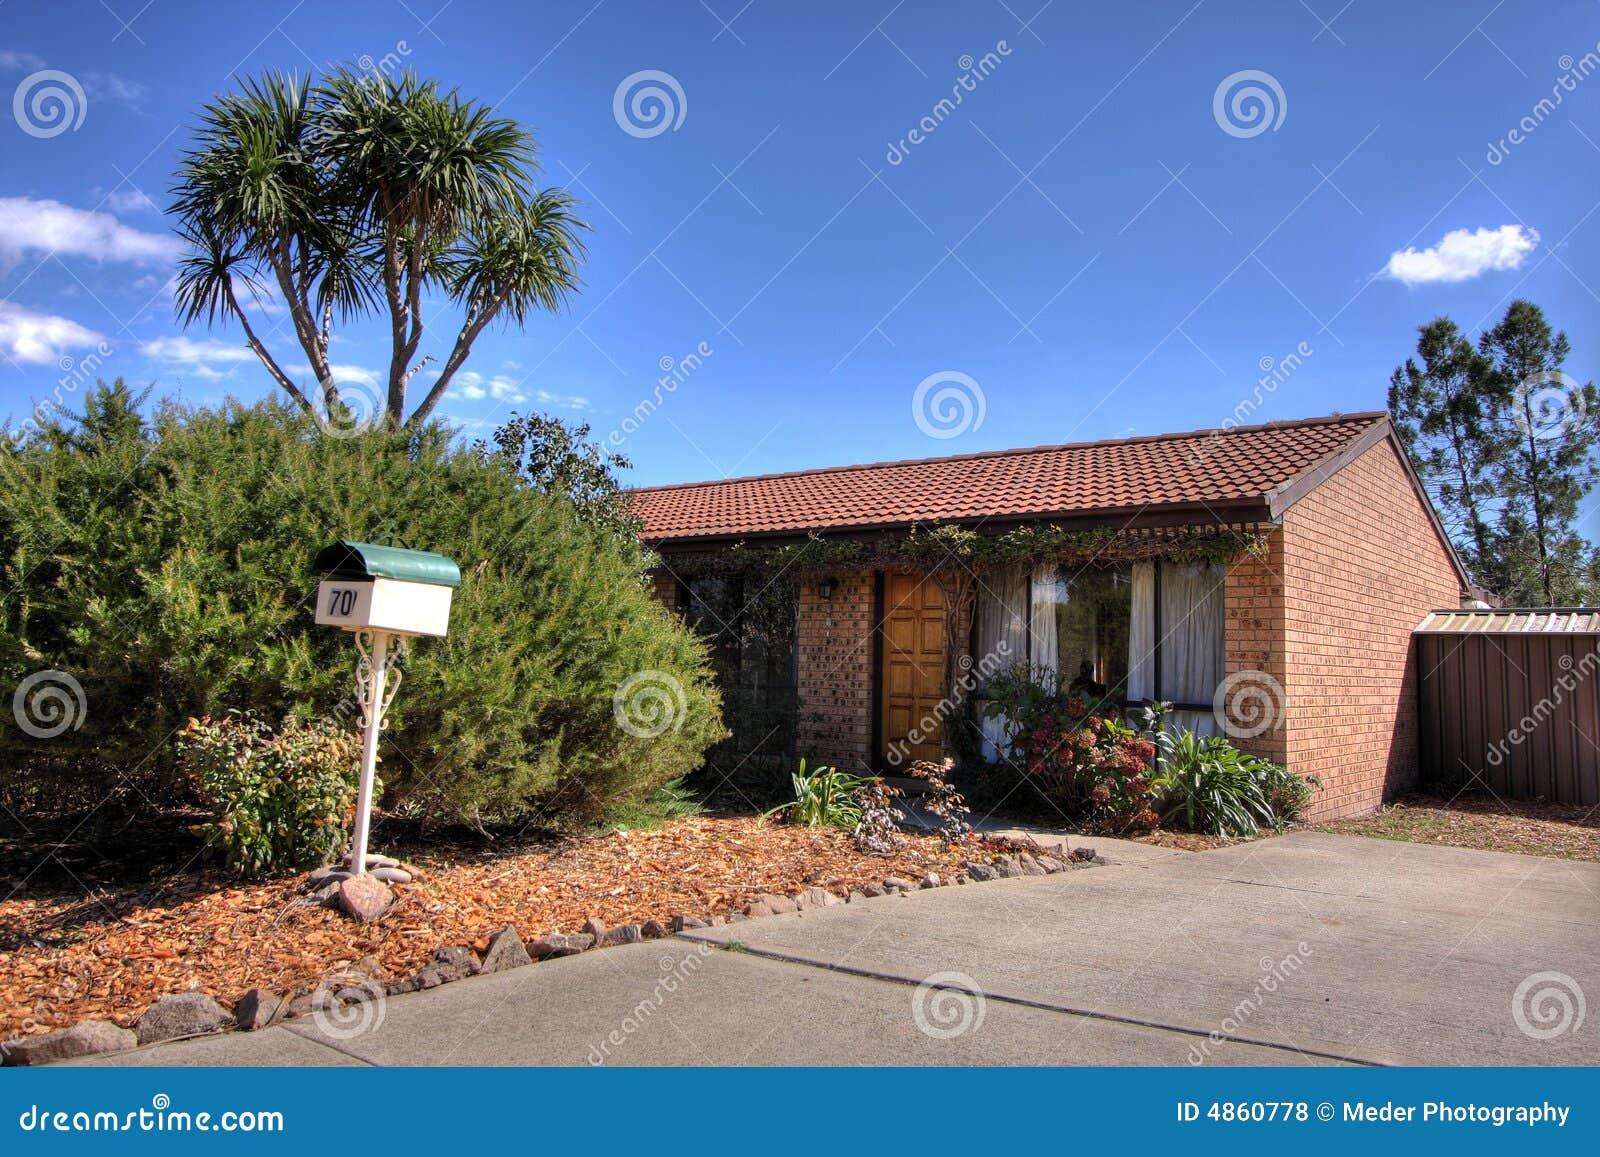 Het gemiddelde huis van de baksteen stock foto afbeelding 4860778 - Ingang van het hedendaagse huis ...